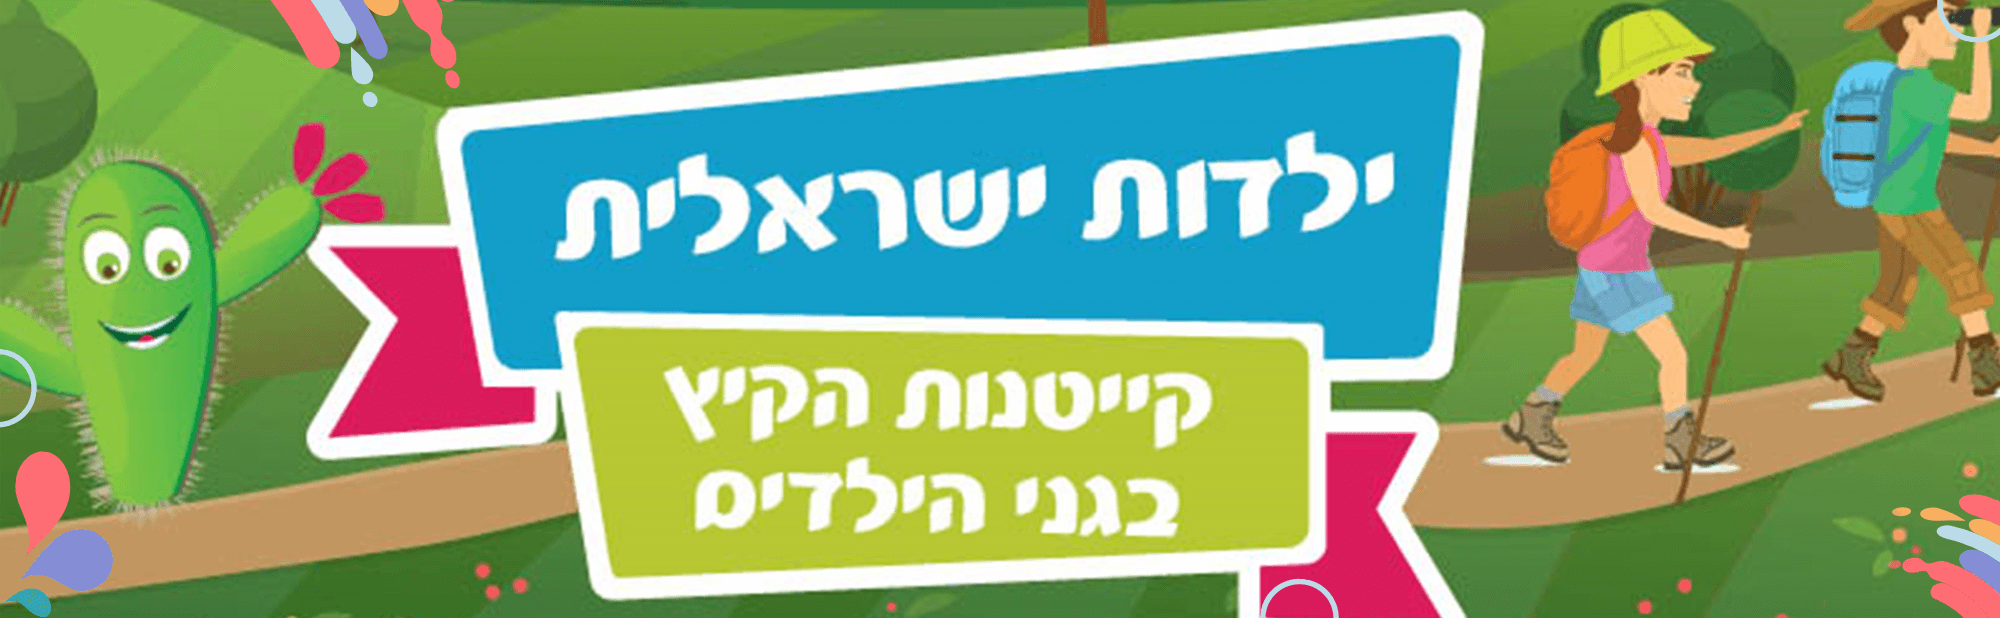 ילדות ישראלית